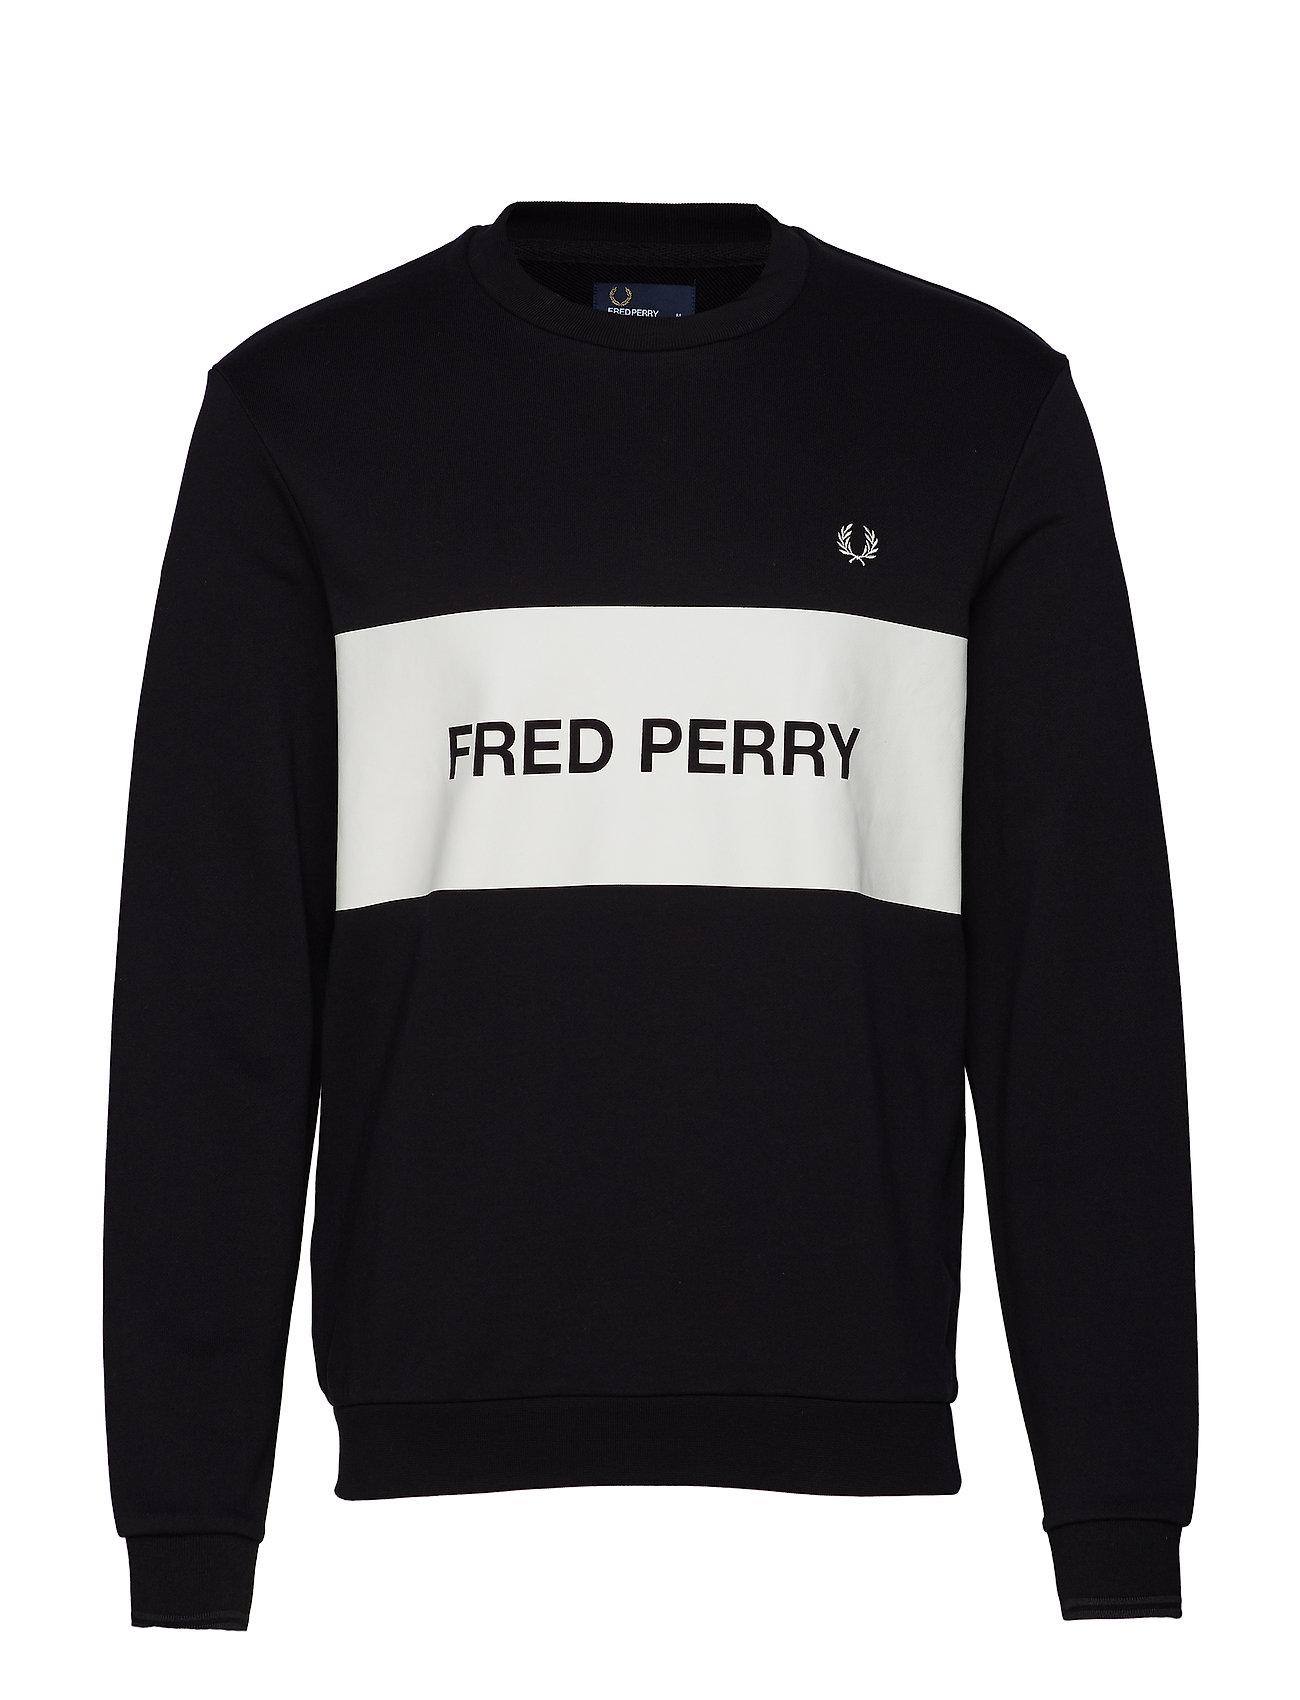 Fred Perry PRINTED PANEL SWEATSHIRT - BLACK